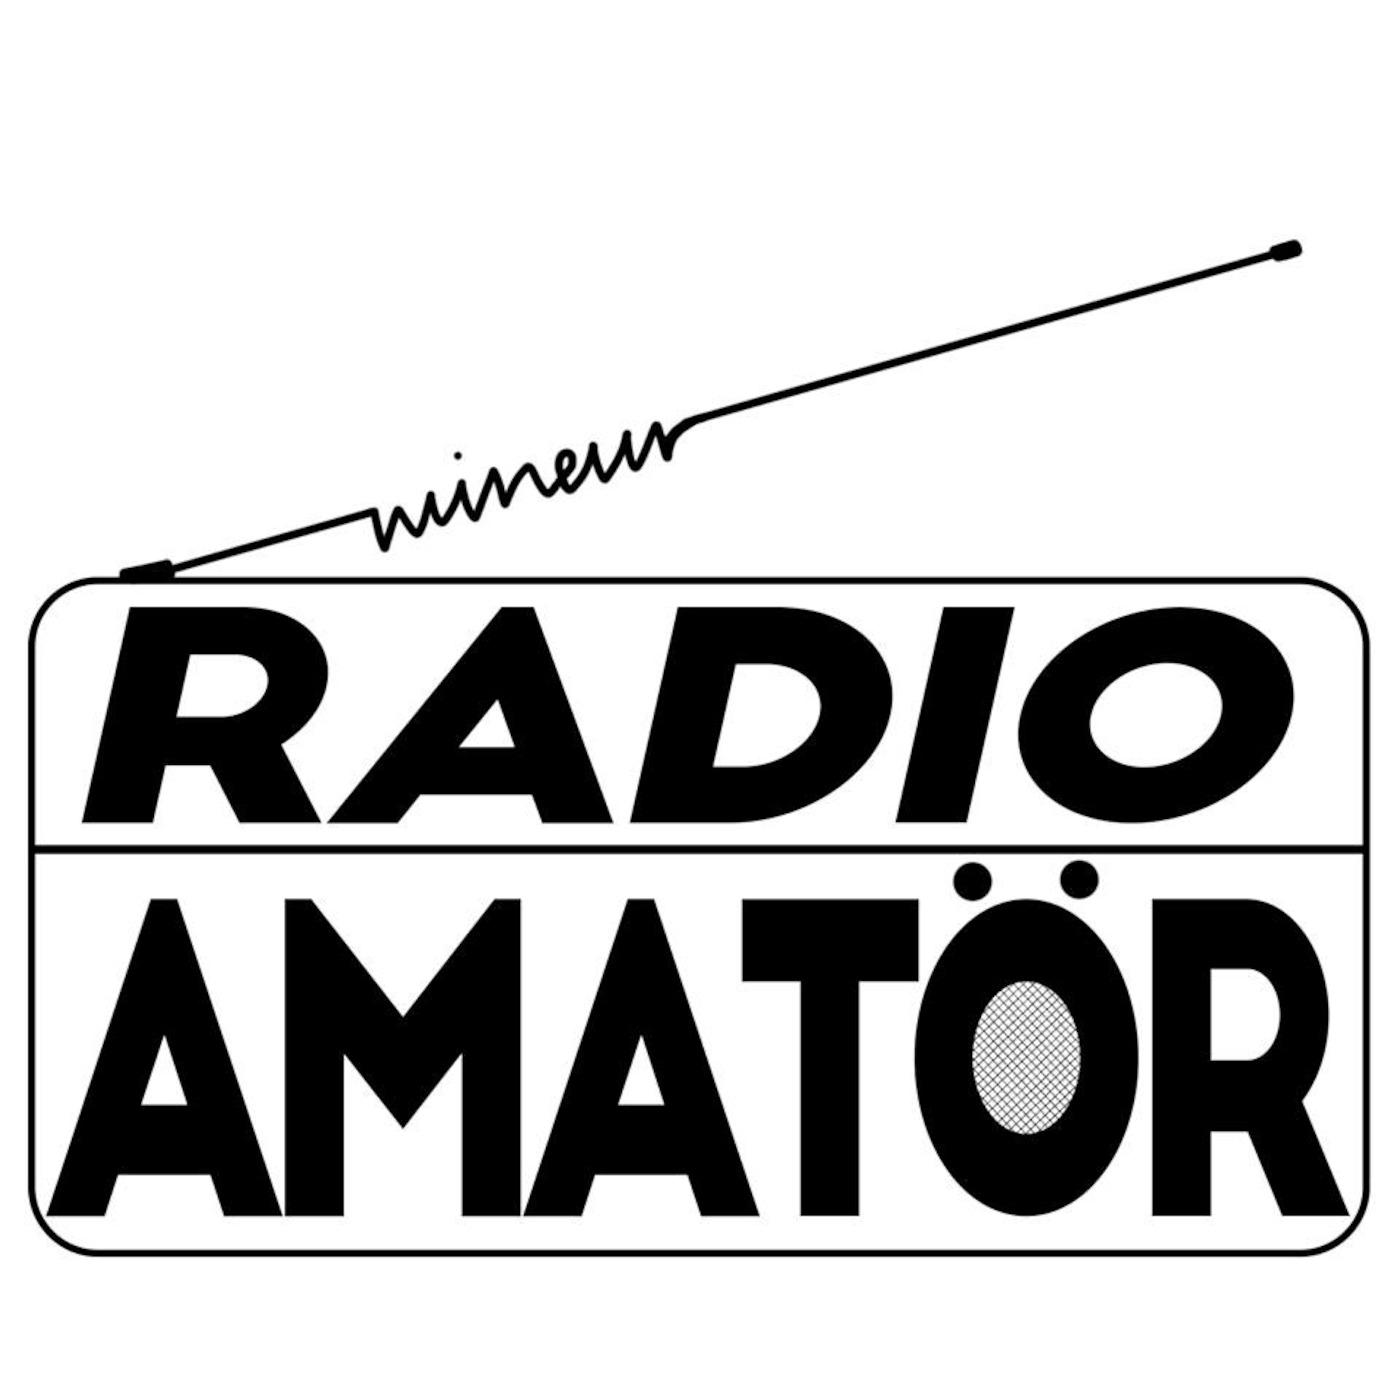 Mineur Radioamatör